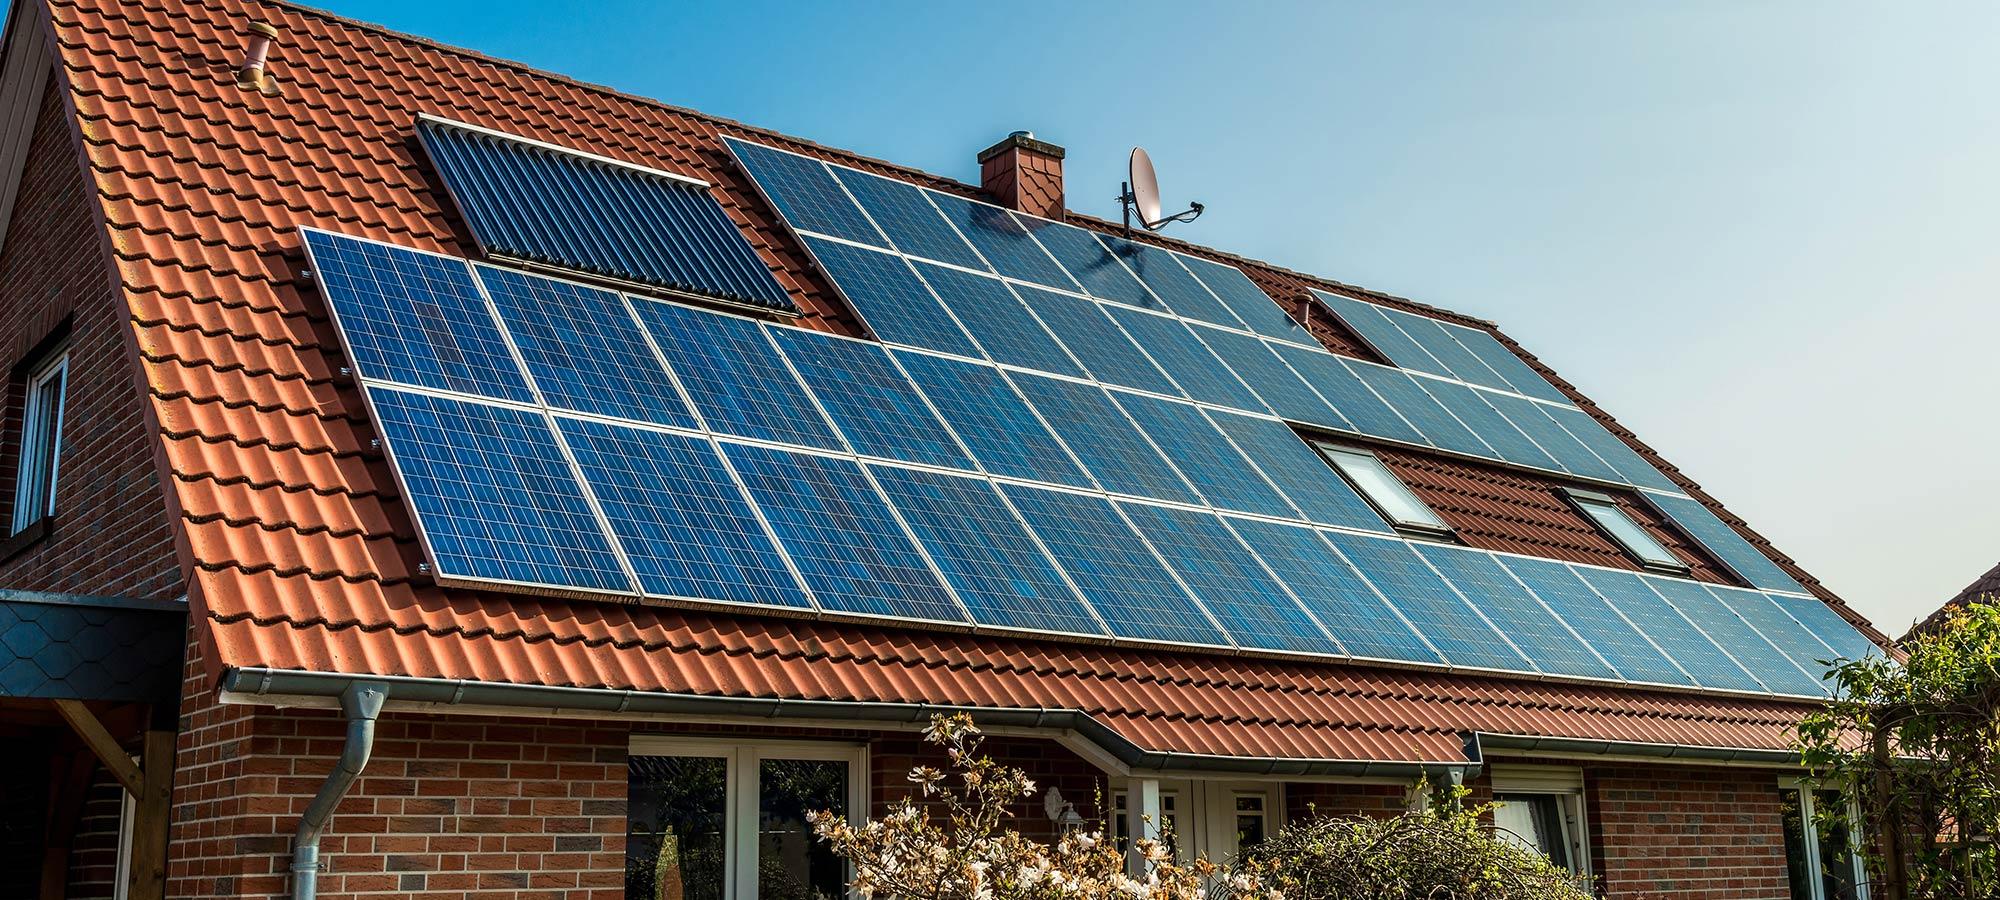 Pannelli solari sul tetto presso Ditta Termoidraulica Nerio Caporali a Cesena